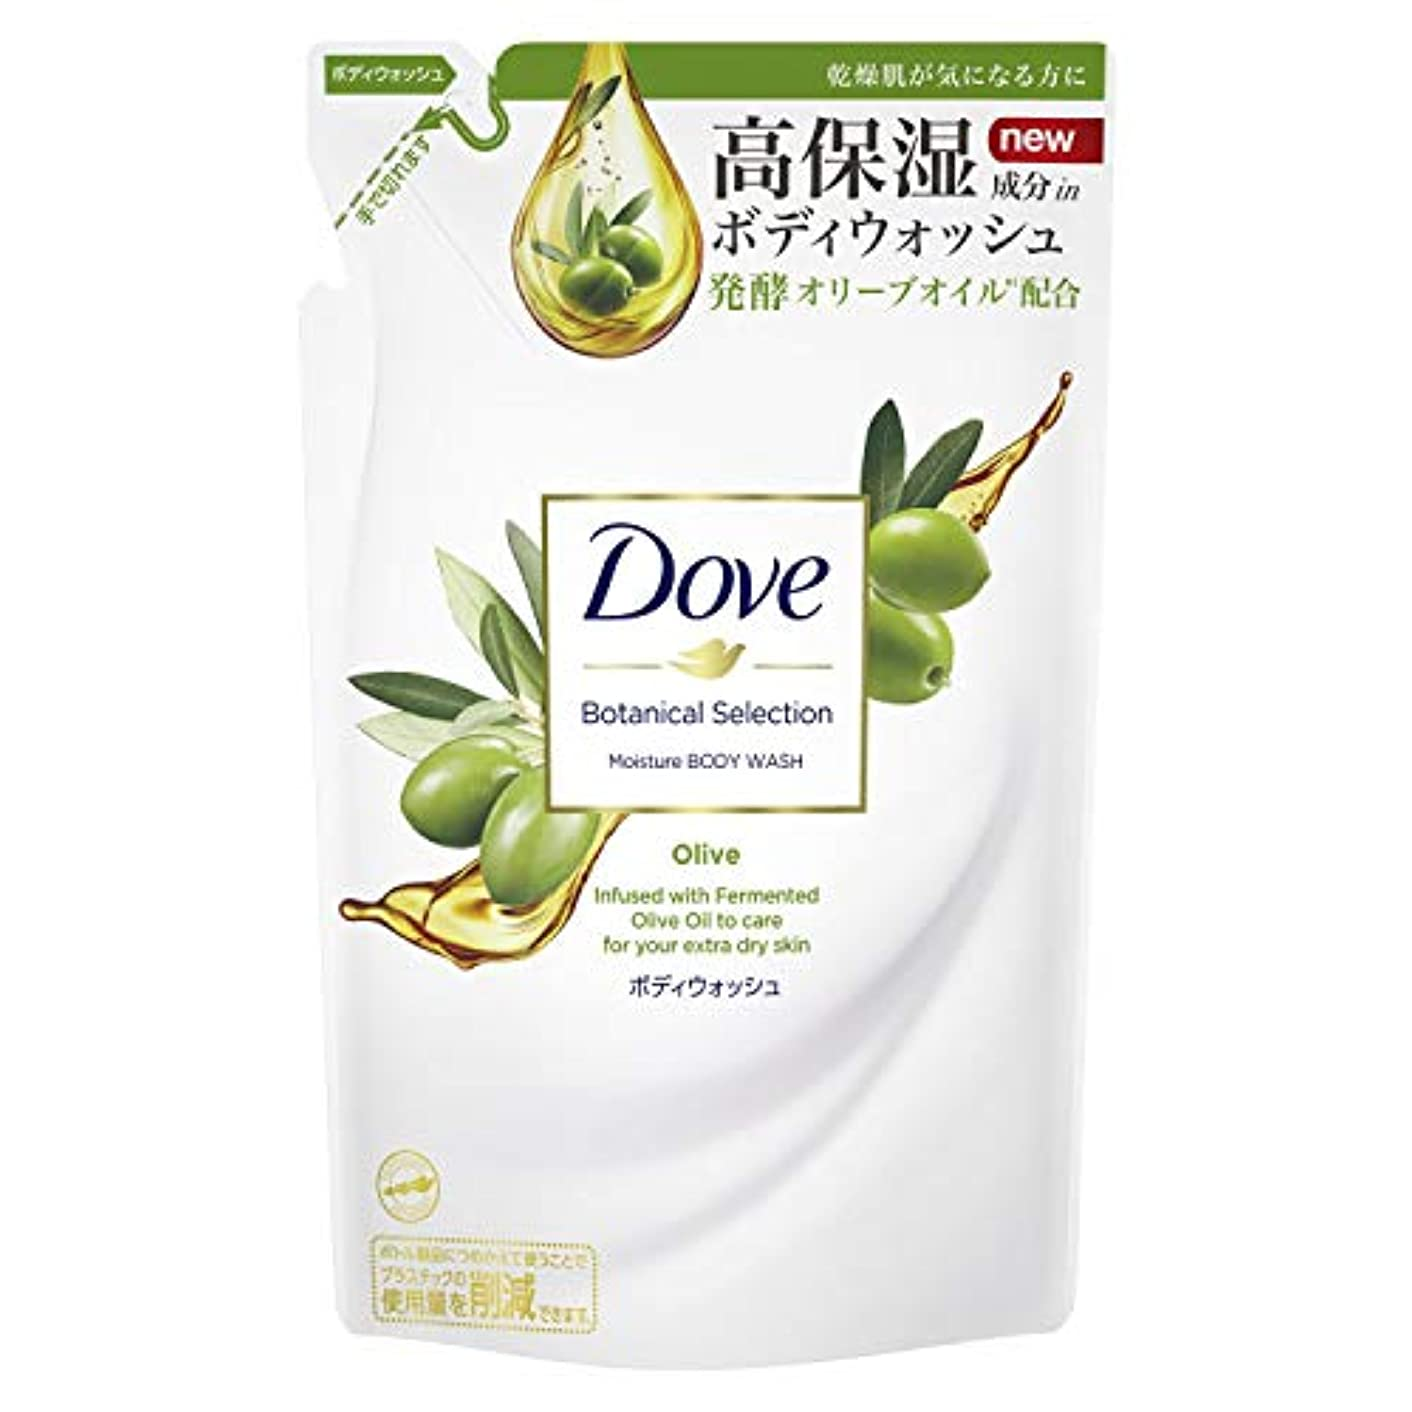 別れる事業株式Dove(ダヴ) ダヴ ボディウォッシュ ボタニカルセレクション オリーブ つめかえ用 360g ボディソープ